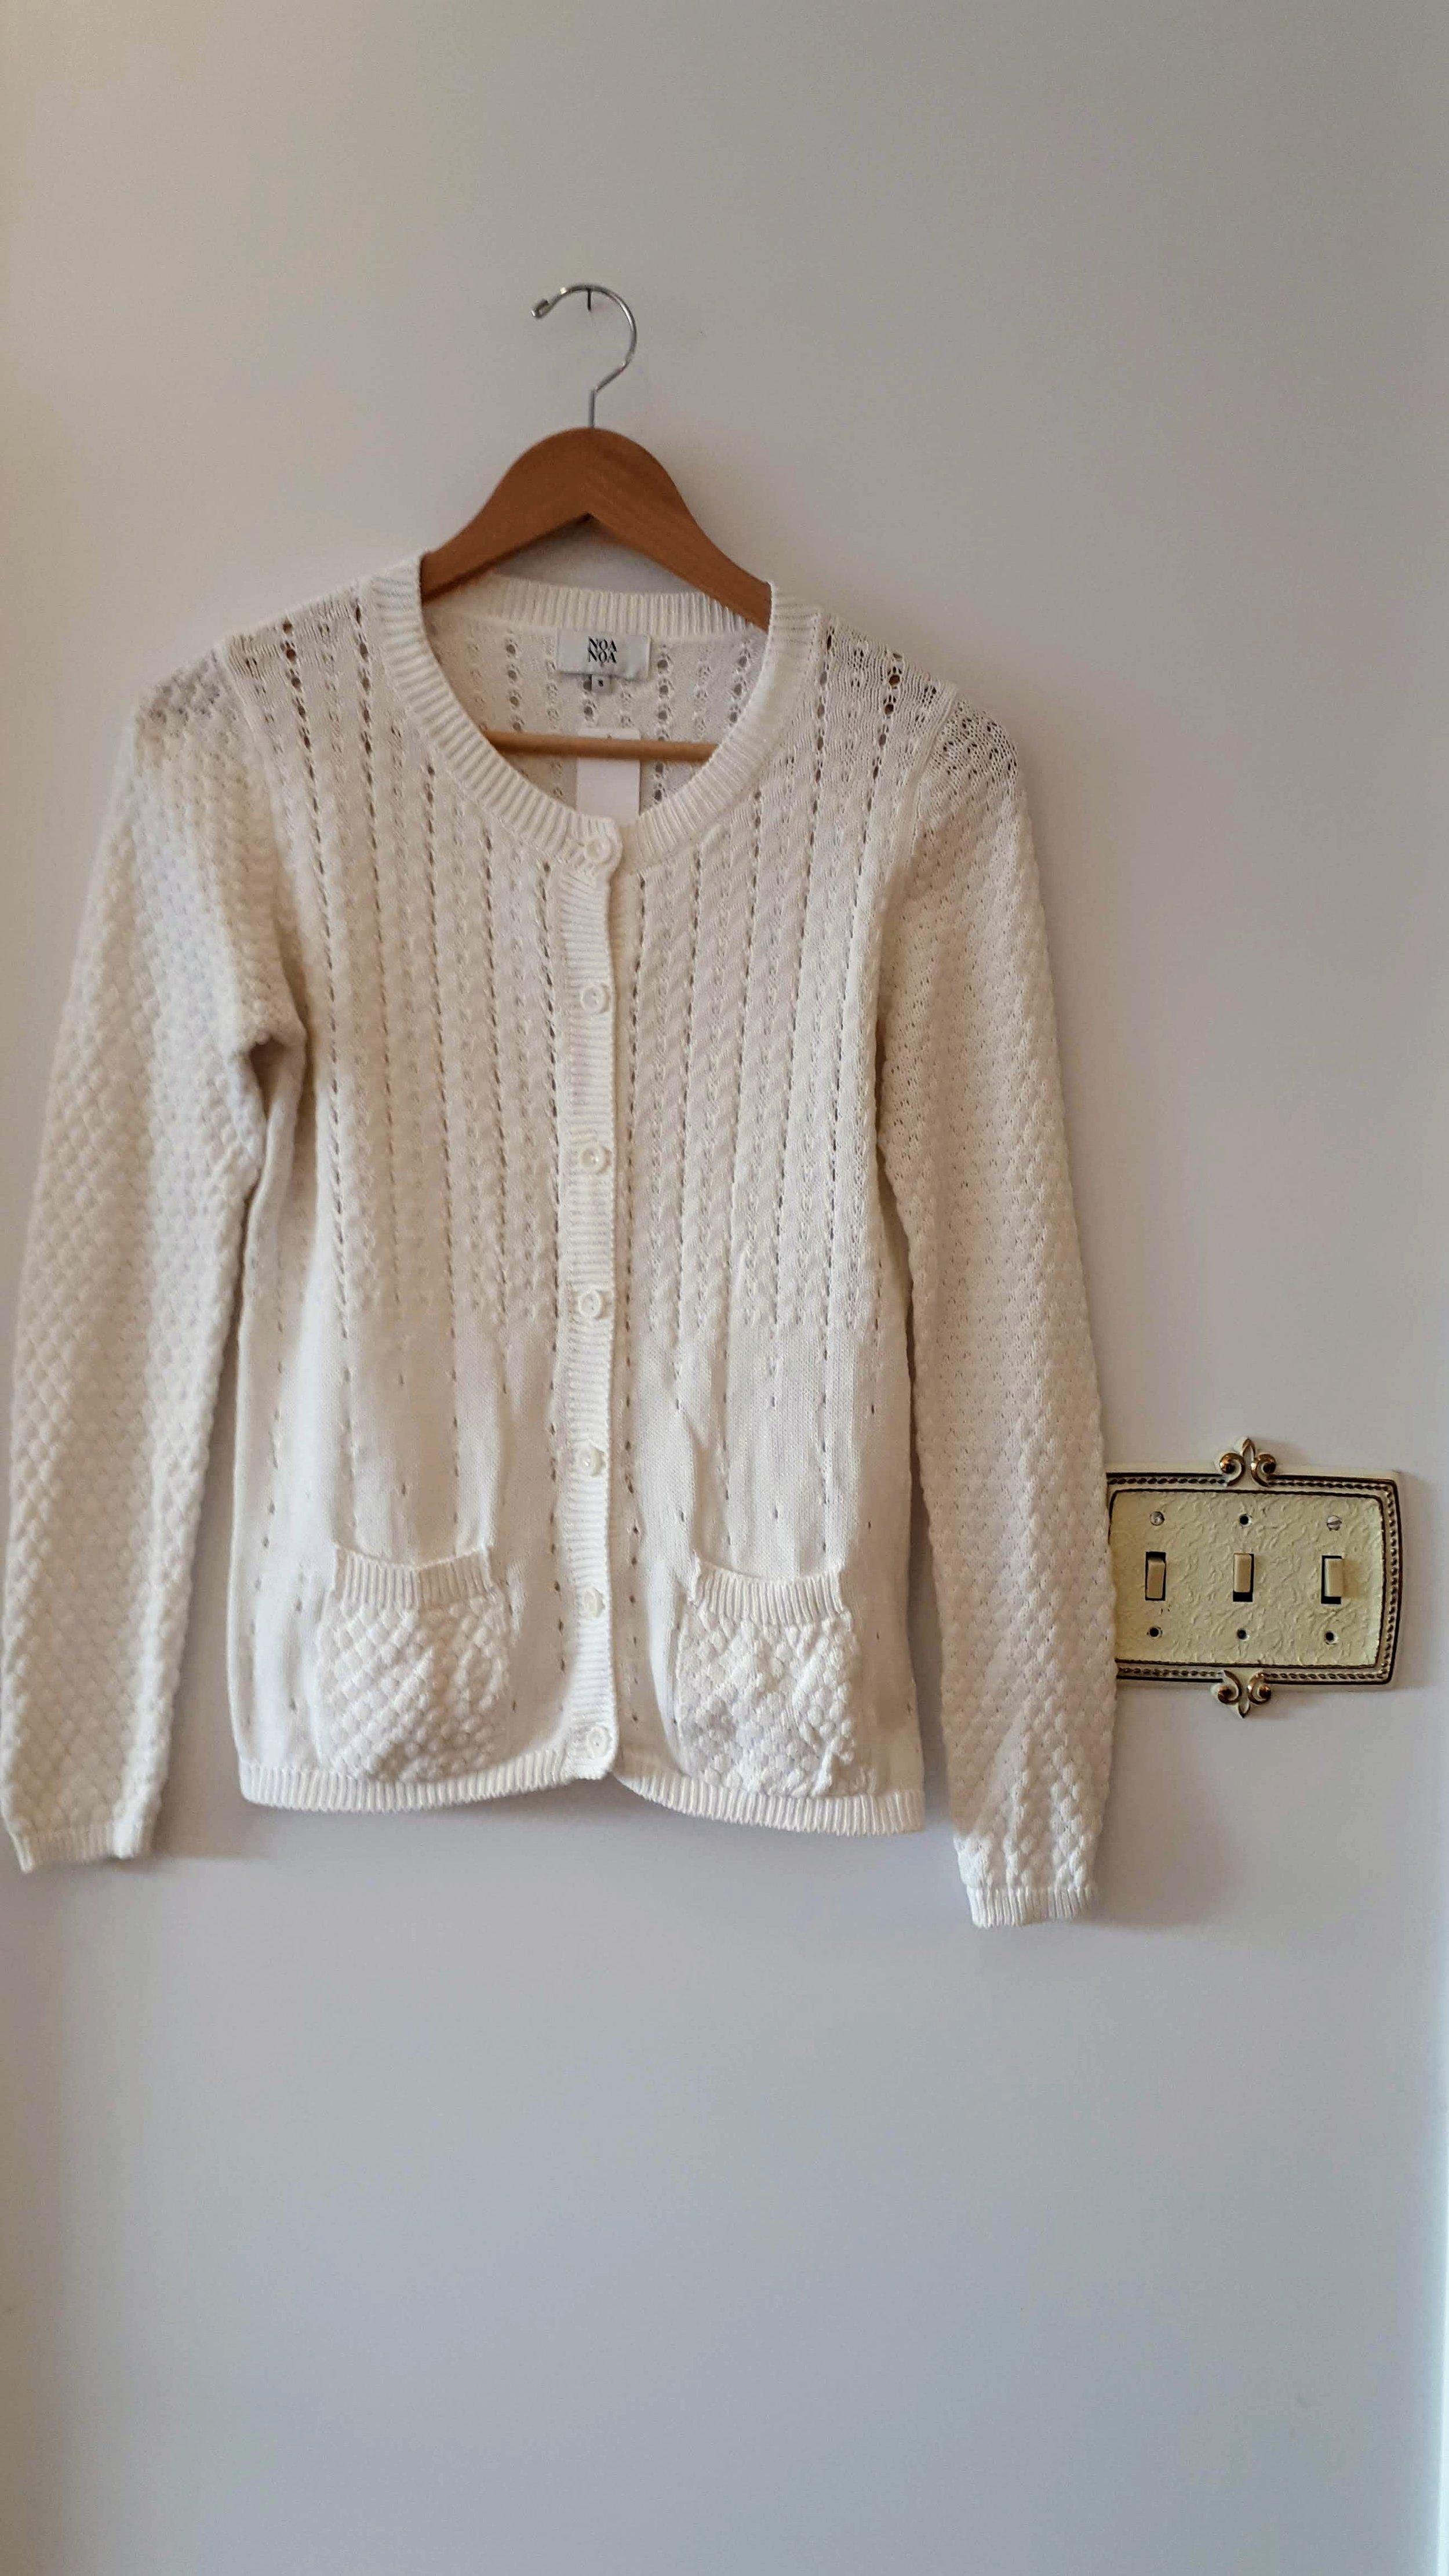 Noa Noa sweater; Size S, $28